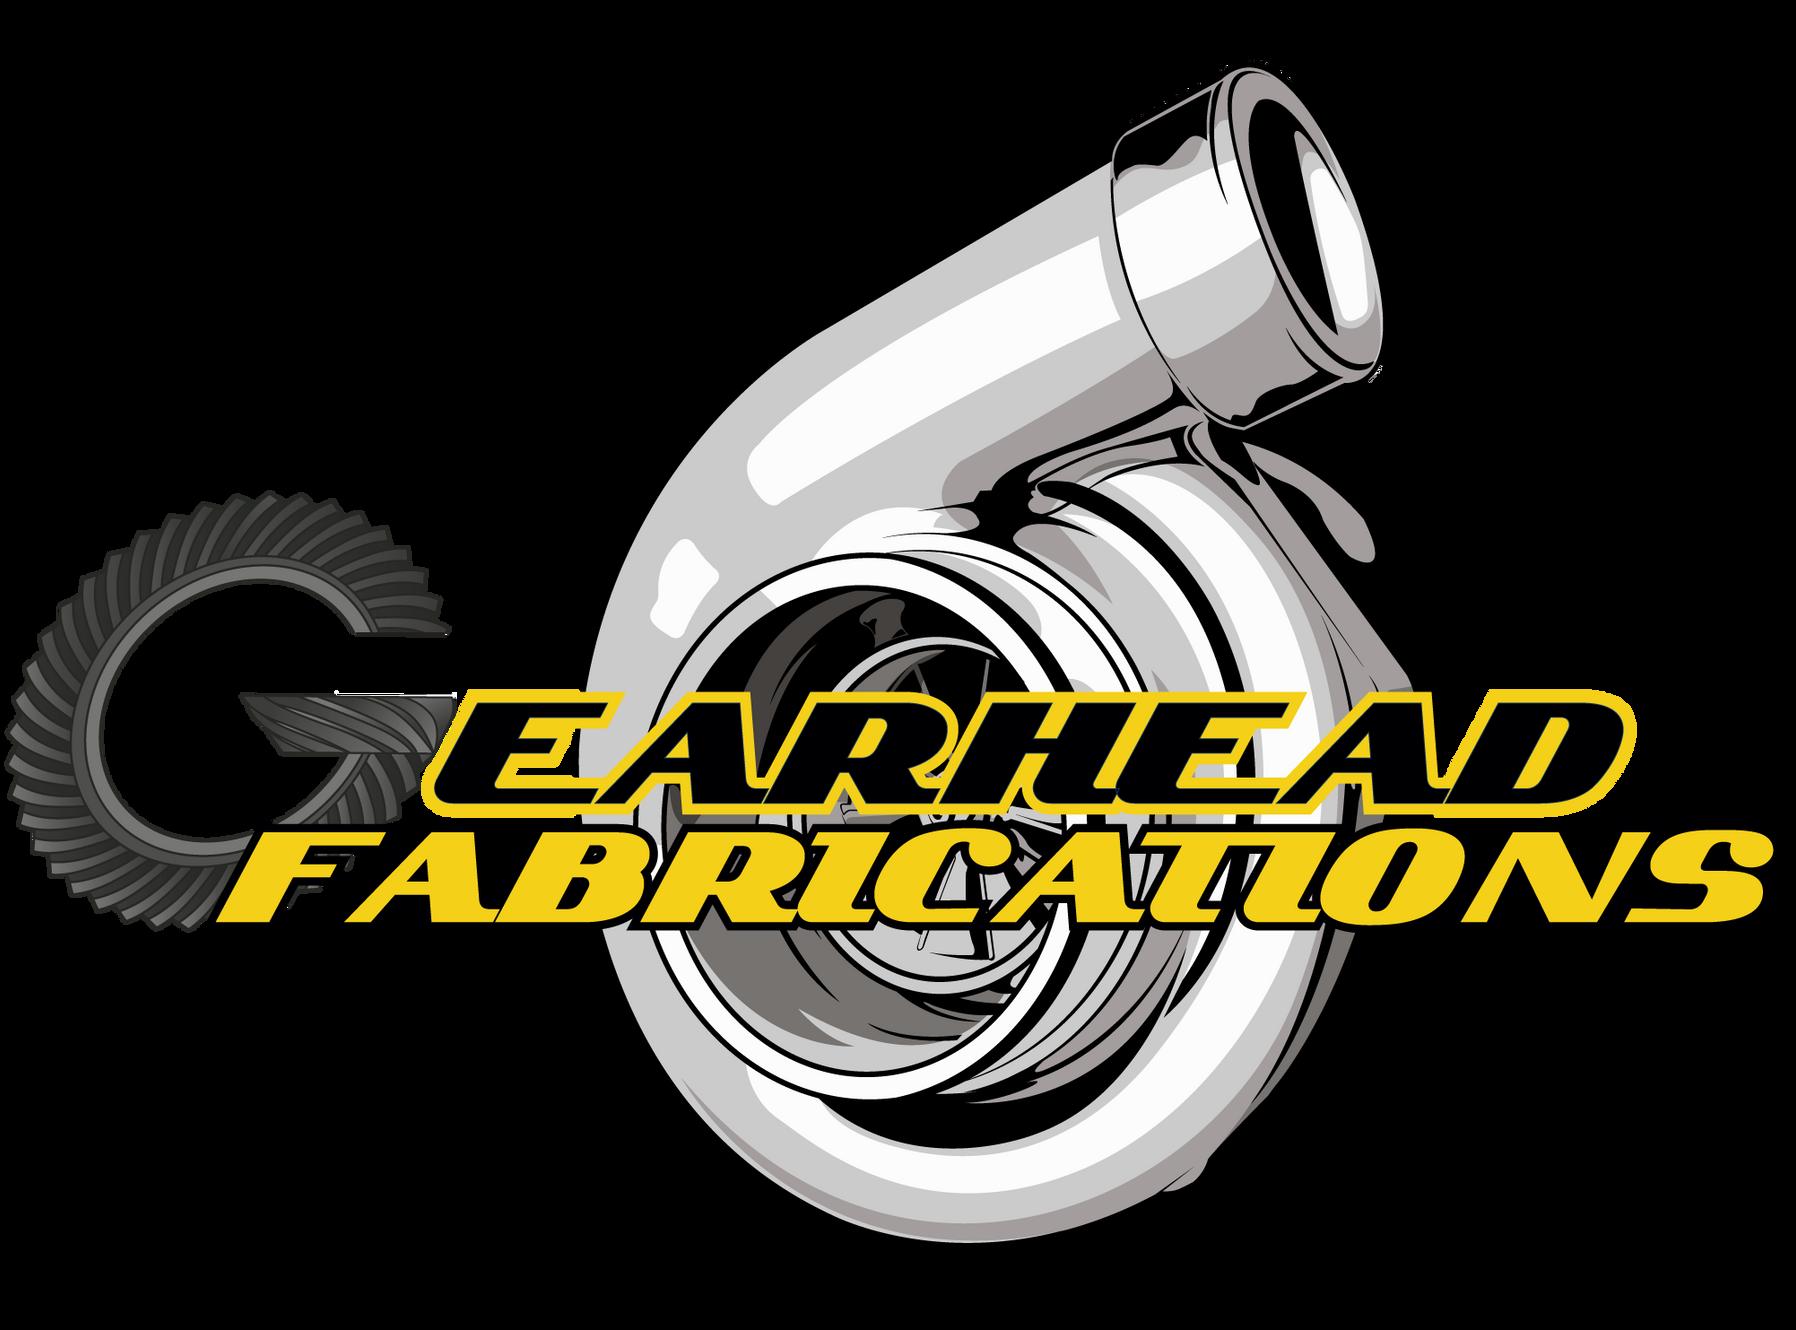 Gearhead Fabrication | Home